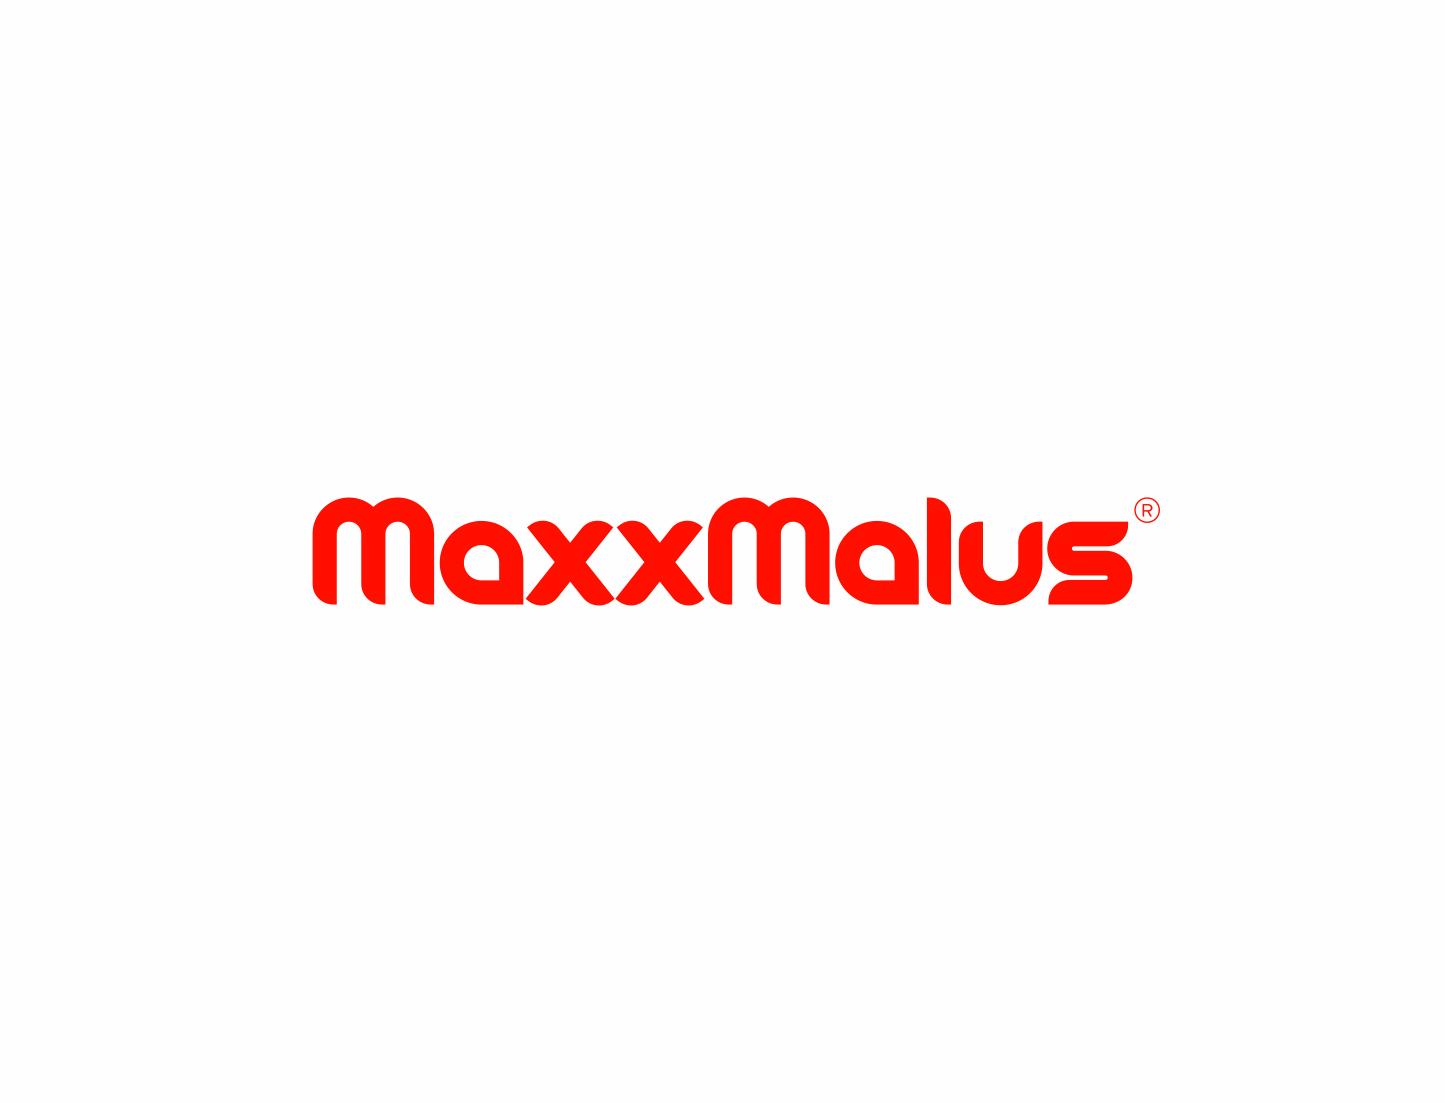 Логотип для нового бренда повседневной посуды фото f_8455ba11e64c86fa.png